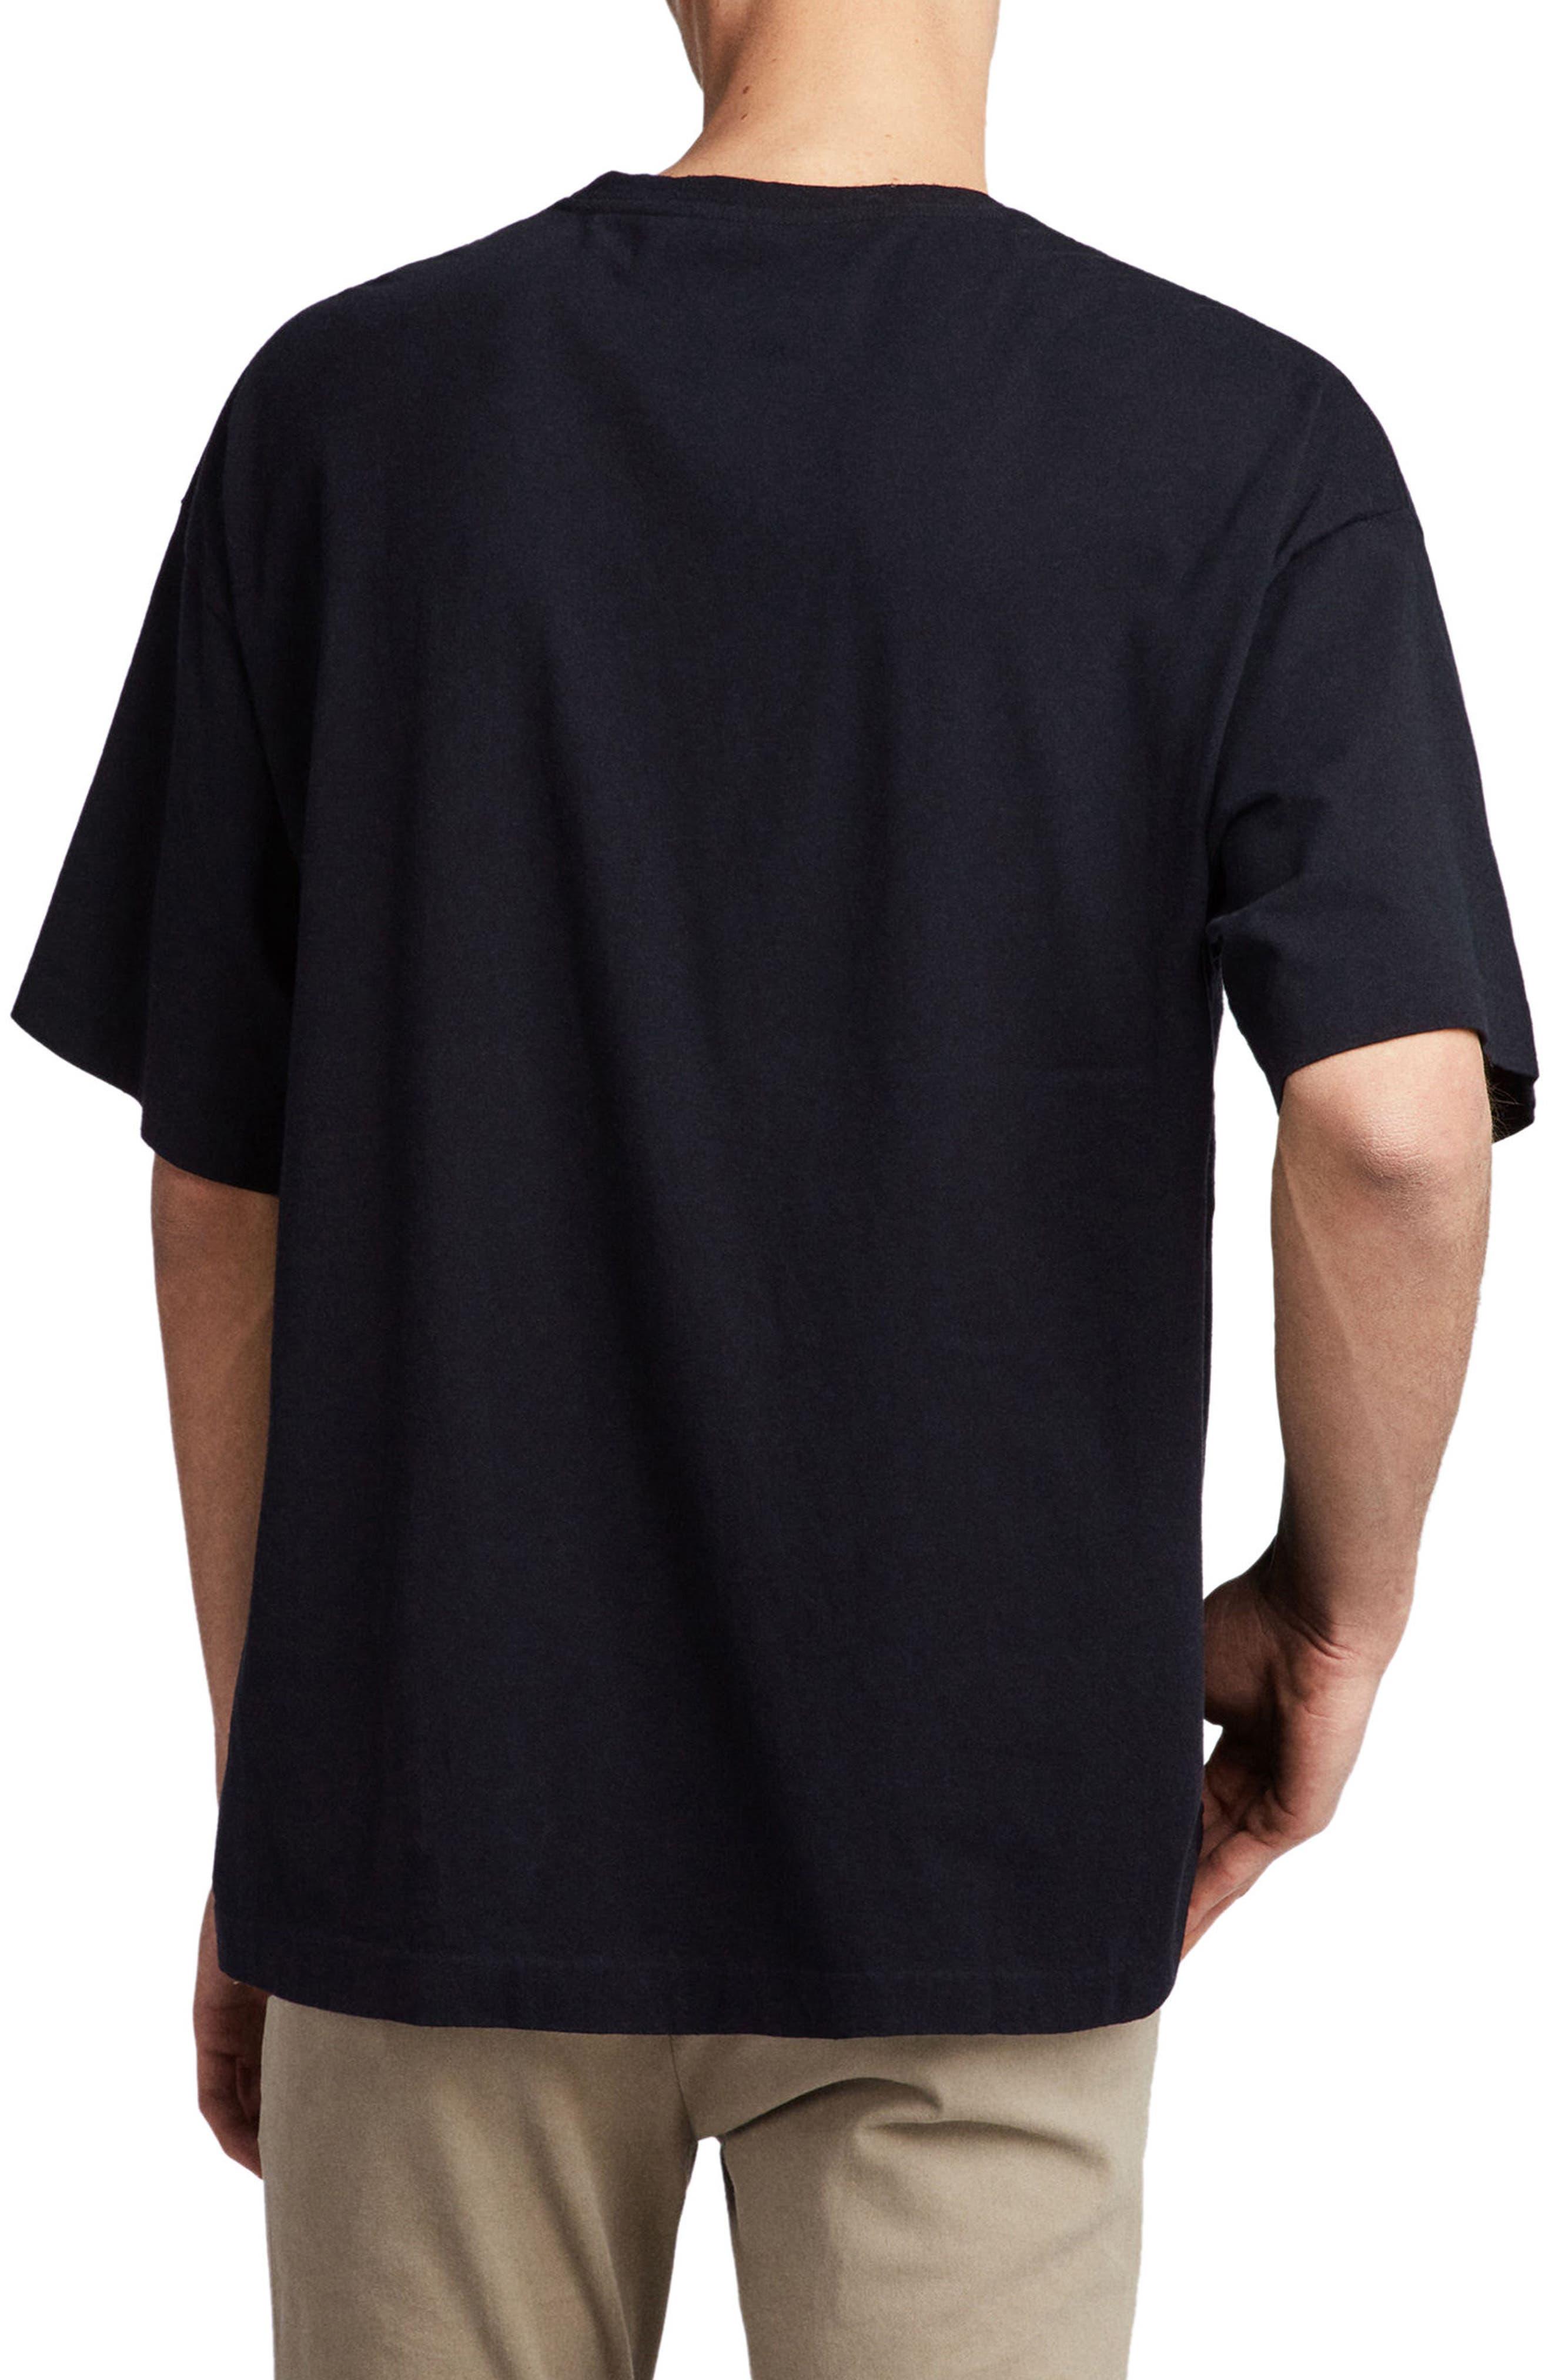 Atnom Crewneck T-Shirt,                             Alternate thumbnail 2, color,                             JET BLACK